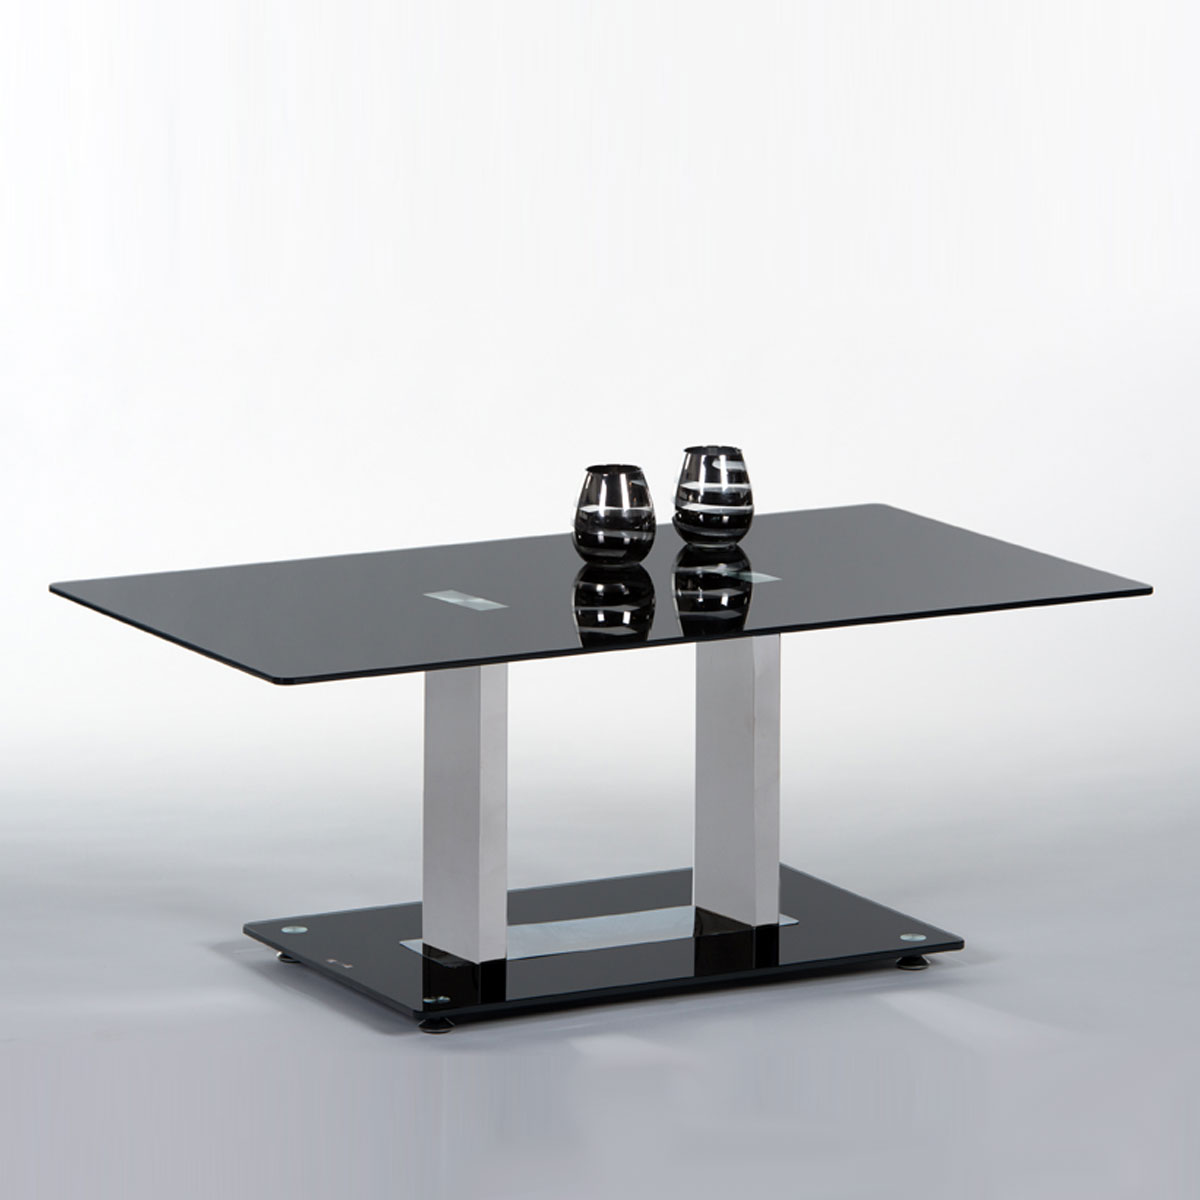 Verschiedene Couchtisch Chrom Glas Galerie Von Black Glasplatte Schwarz Lackiert 110 X 60